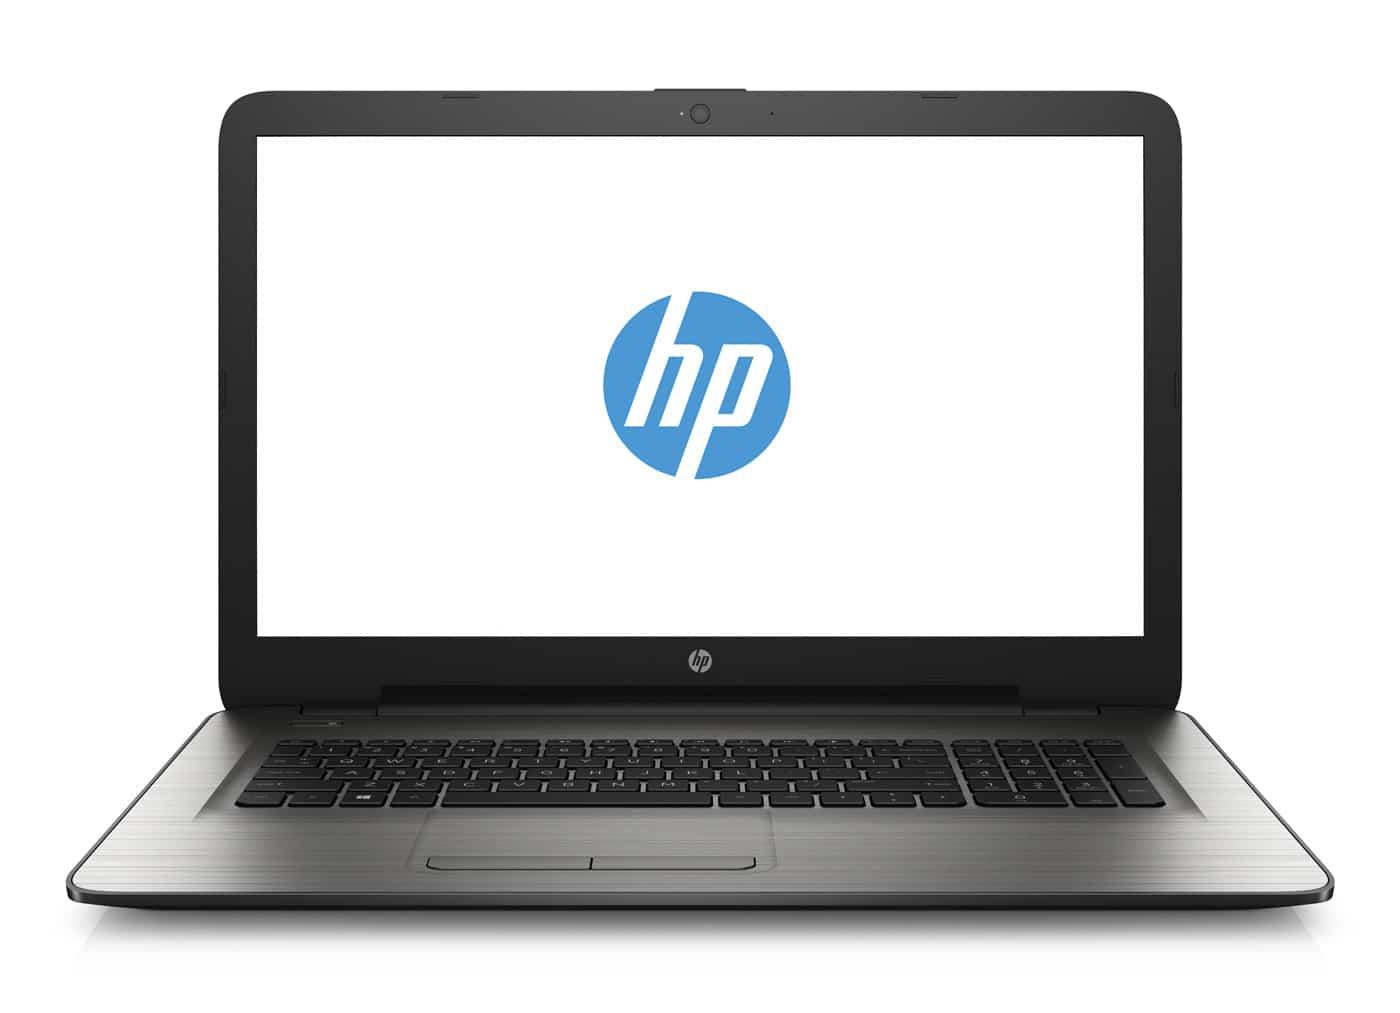 HP 17-x090nf à 599 euros, PC portable 17 pouces Core i3 Radeon argent